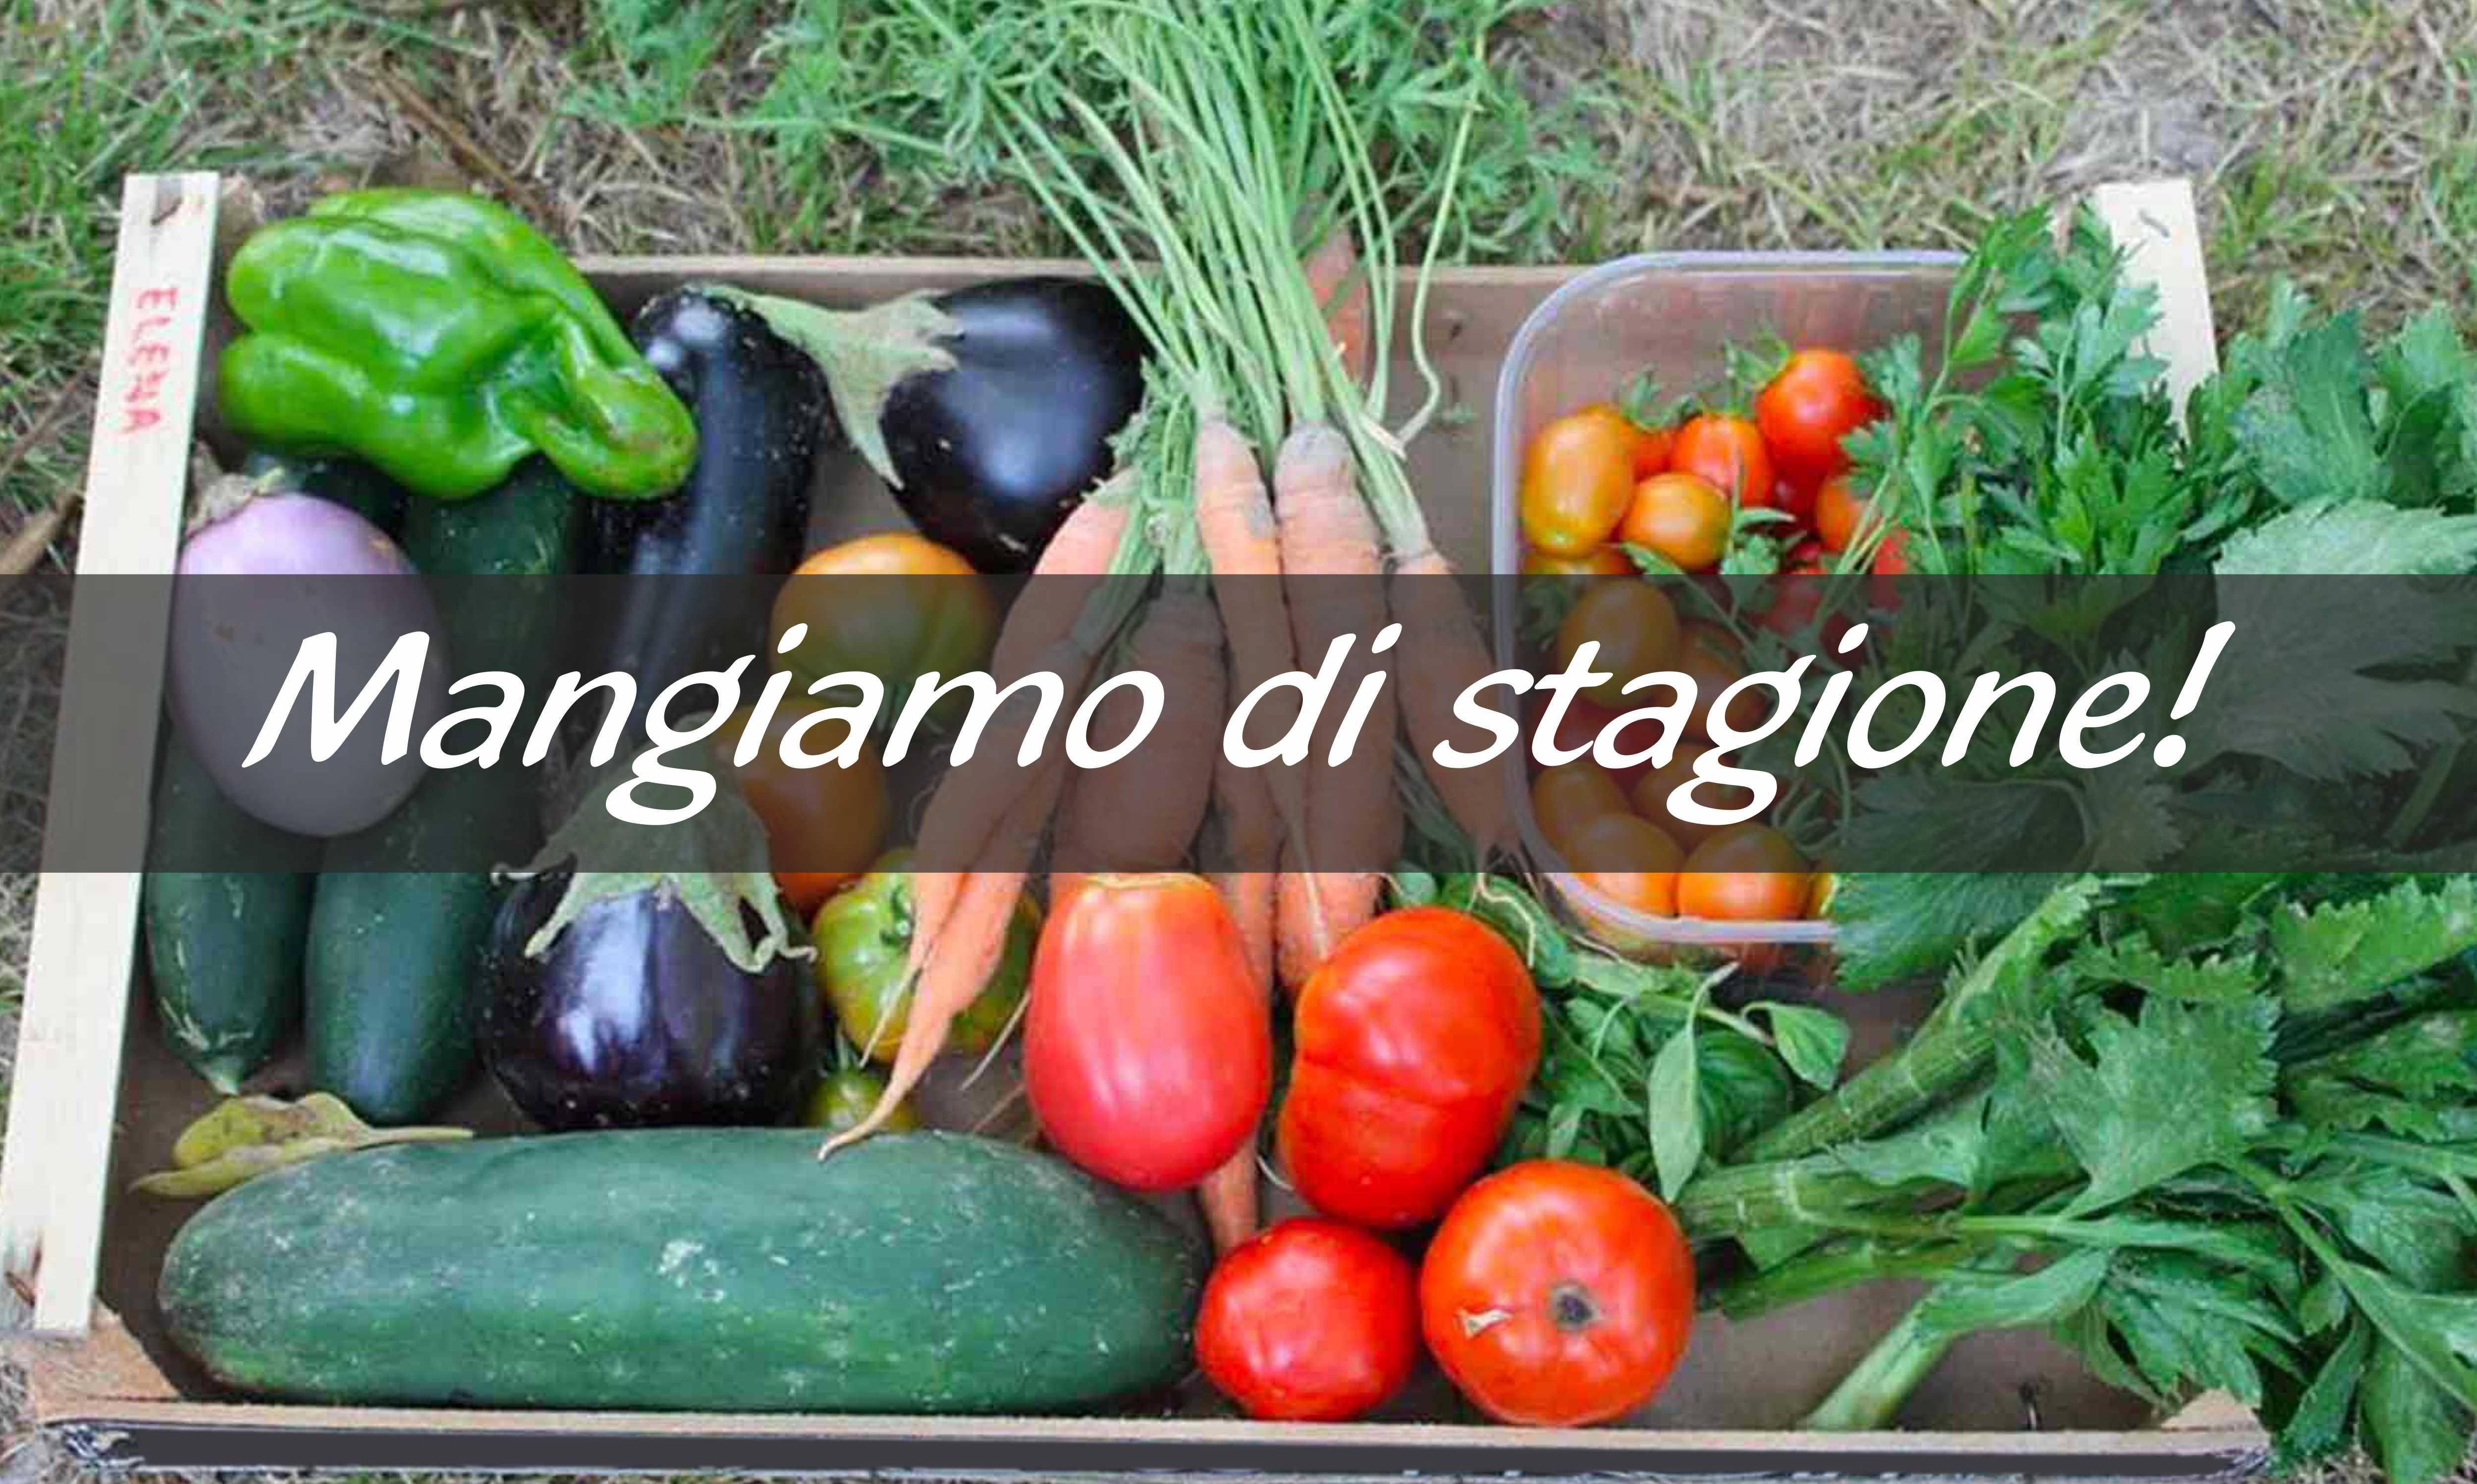 Frutta e verdura stagionali fanno bene all'organismo e al portafoglio!